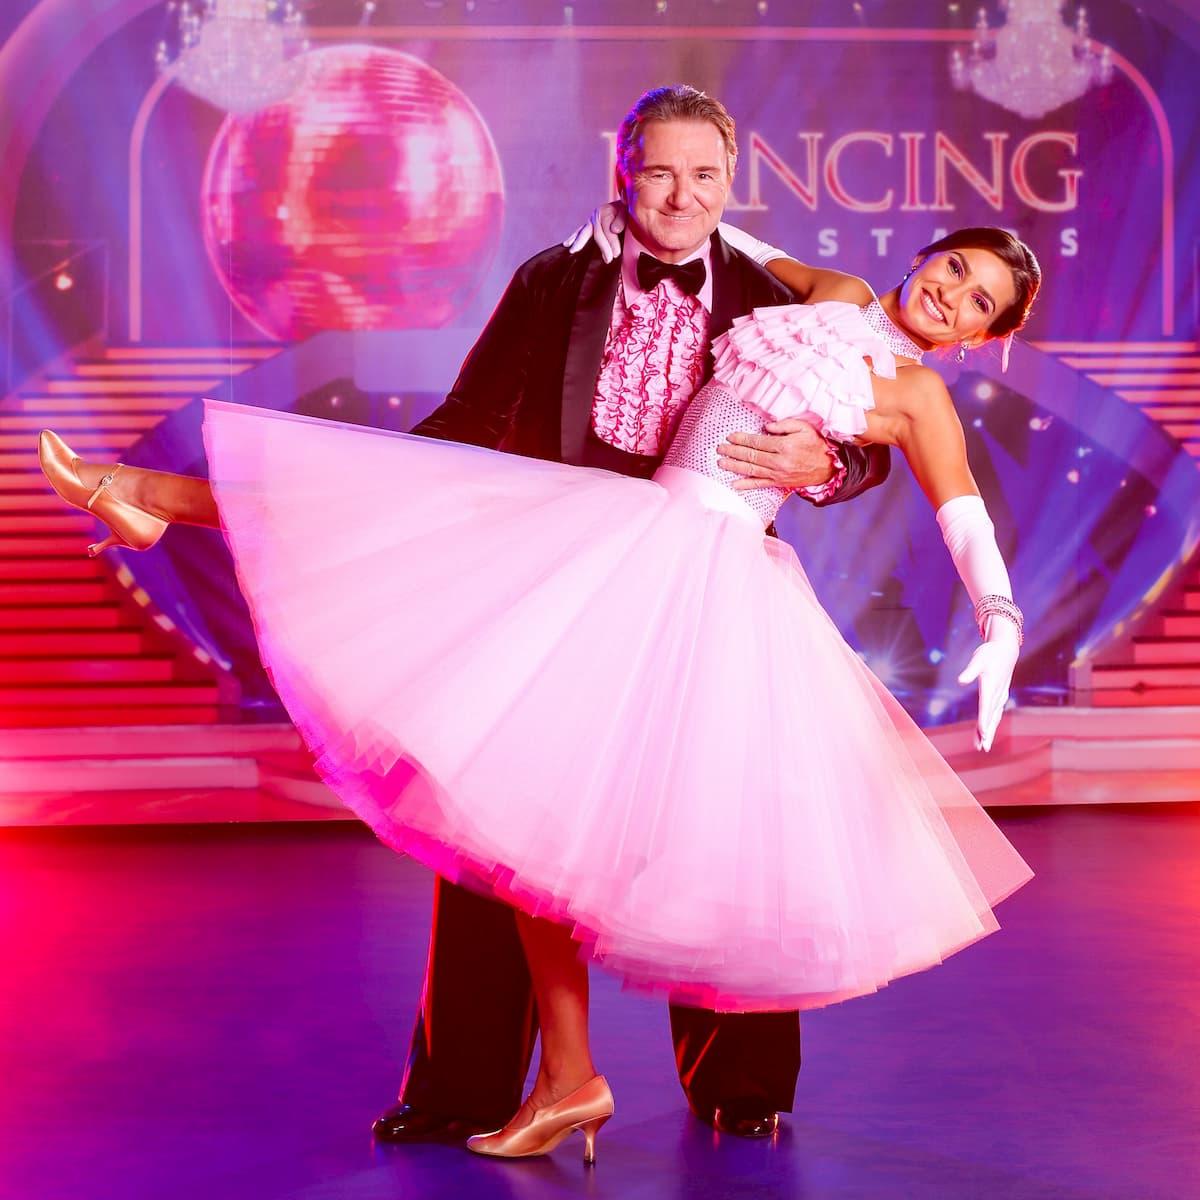 Andreas Ogris - Vesela Dimova ausgeschieden bei den Dancing Stars am 6.11.2020